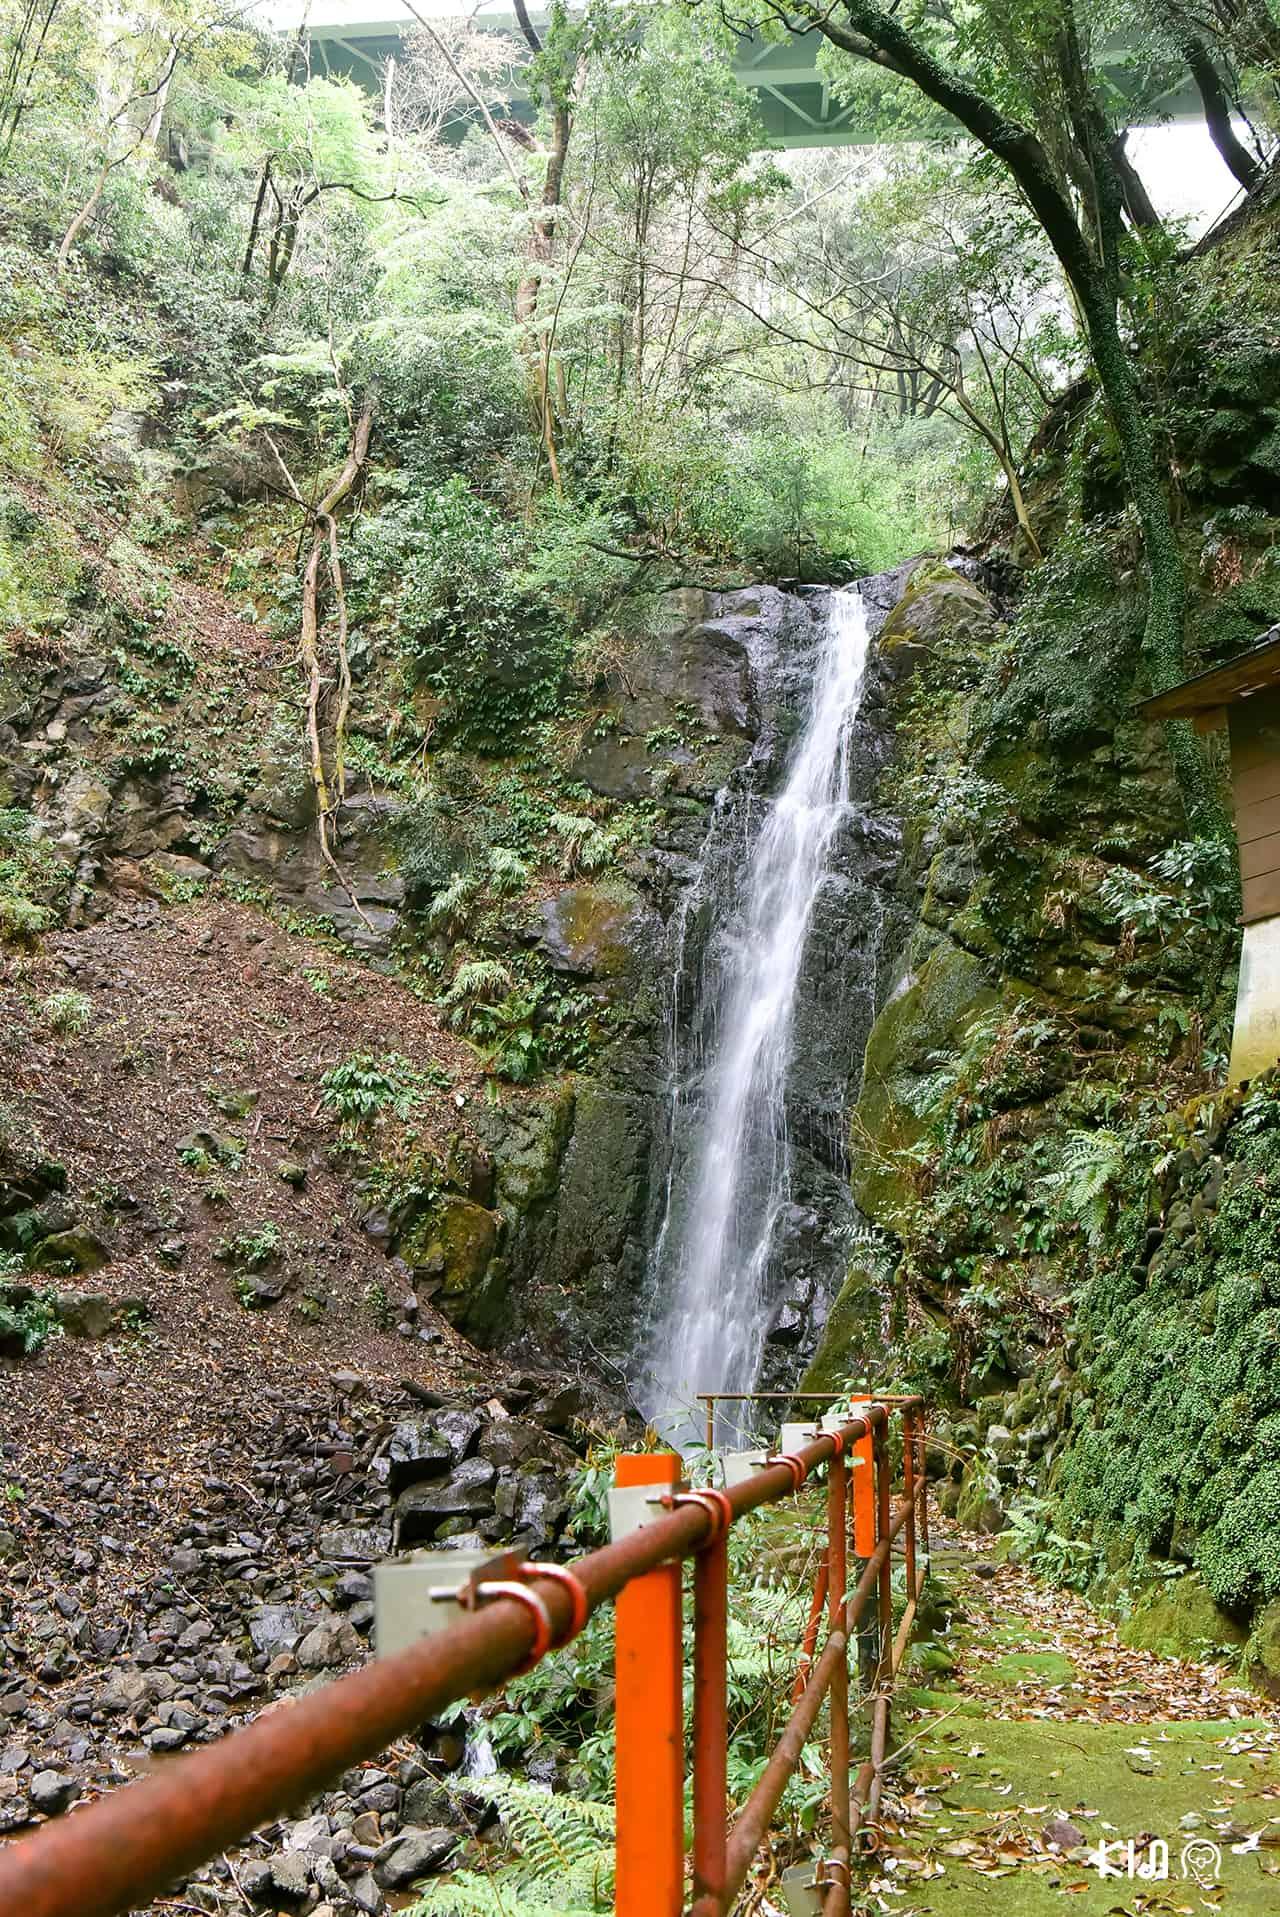 น้ำตกฟูโดะ ในเมืองยูกาวาระ จังหวัดคานางาวะ